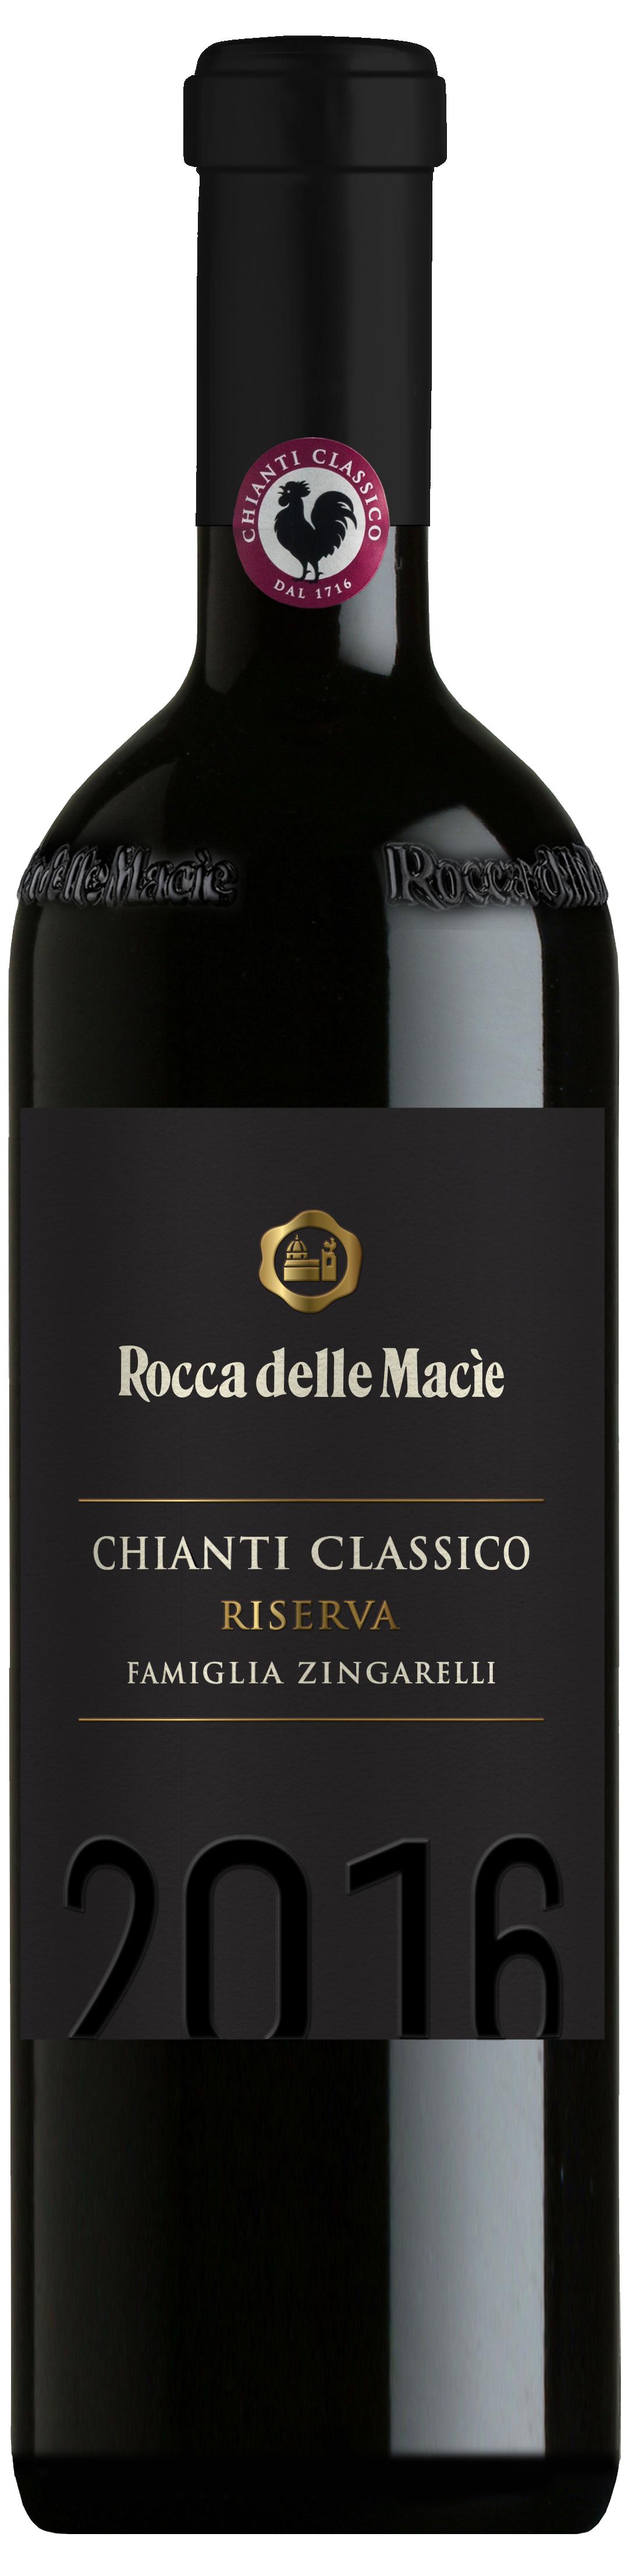 Rocca delle Macie Chianti classico riserva DOCG